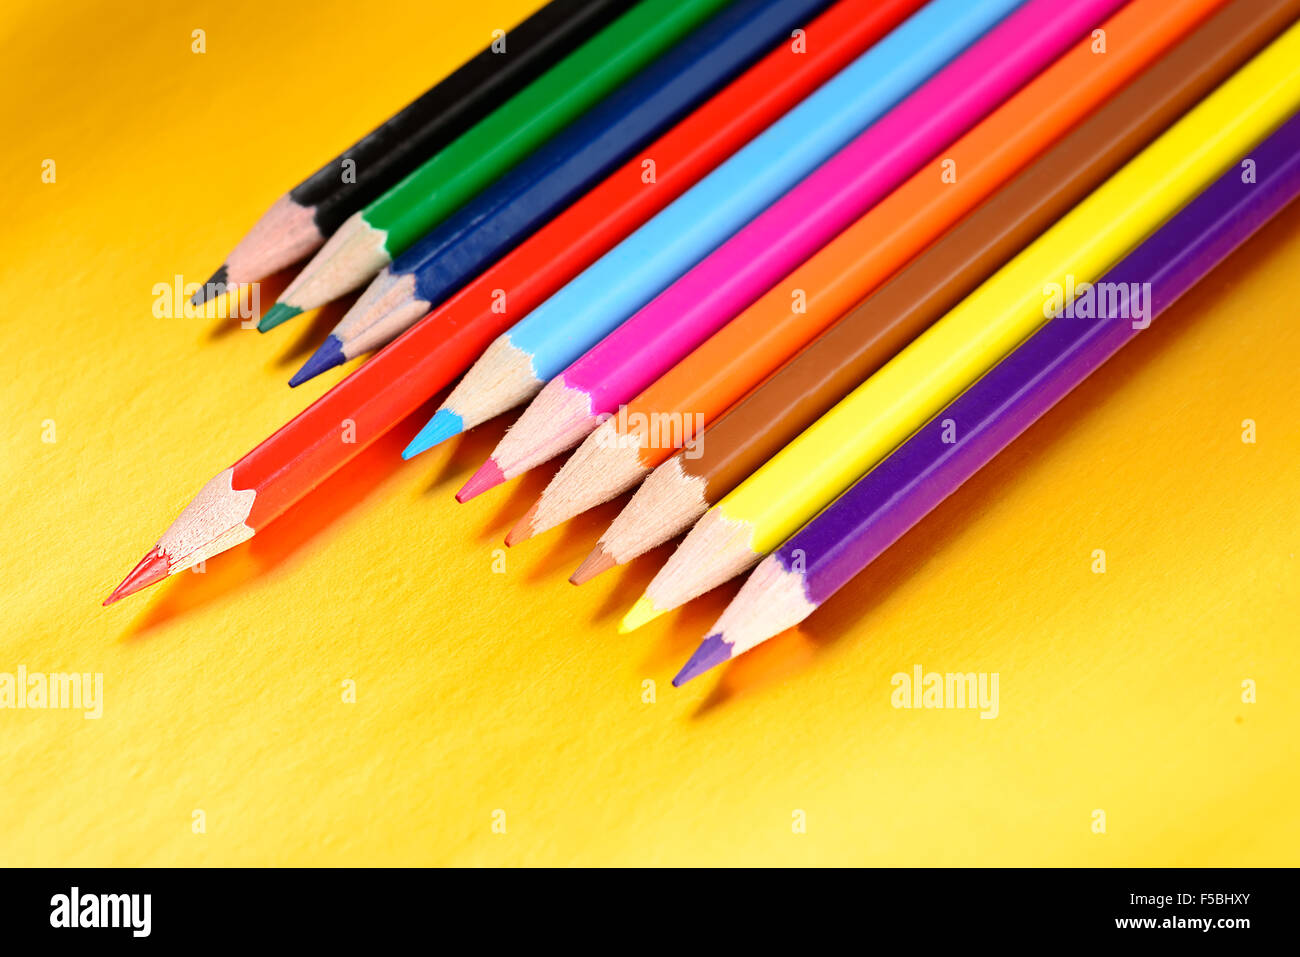 Matite colorate con diversi colori su sfondo dorato Immagini Stock